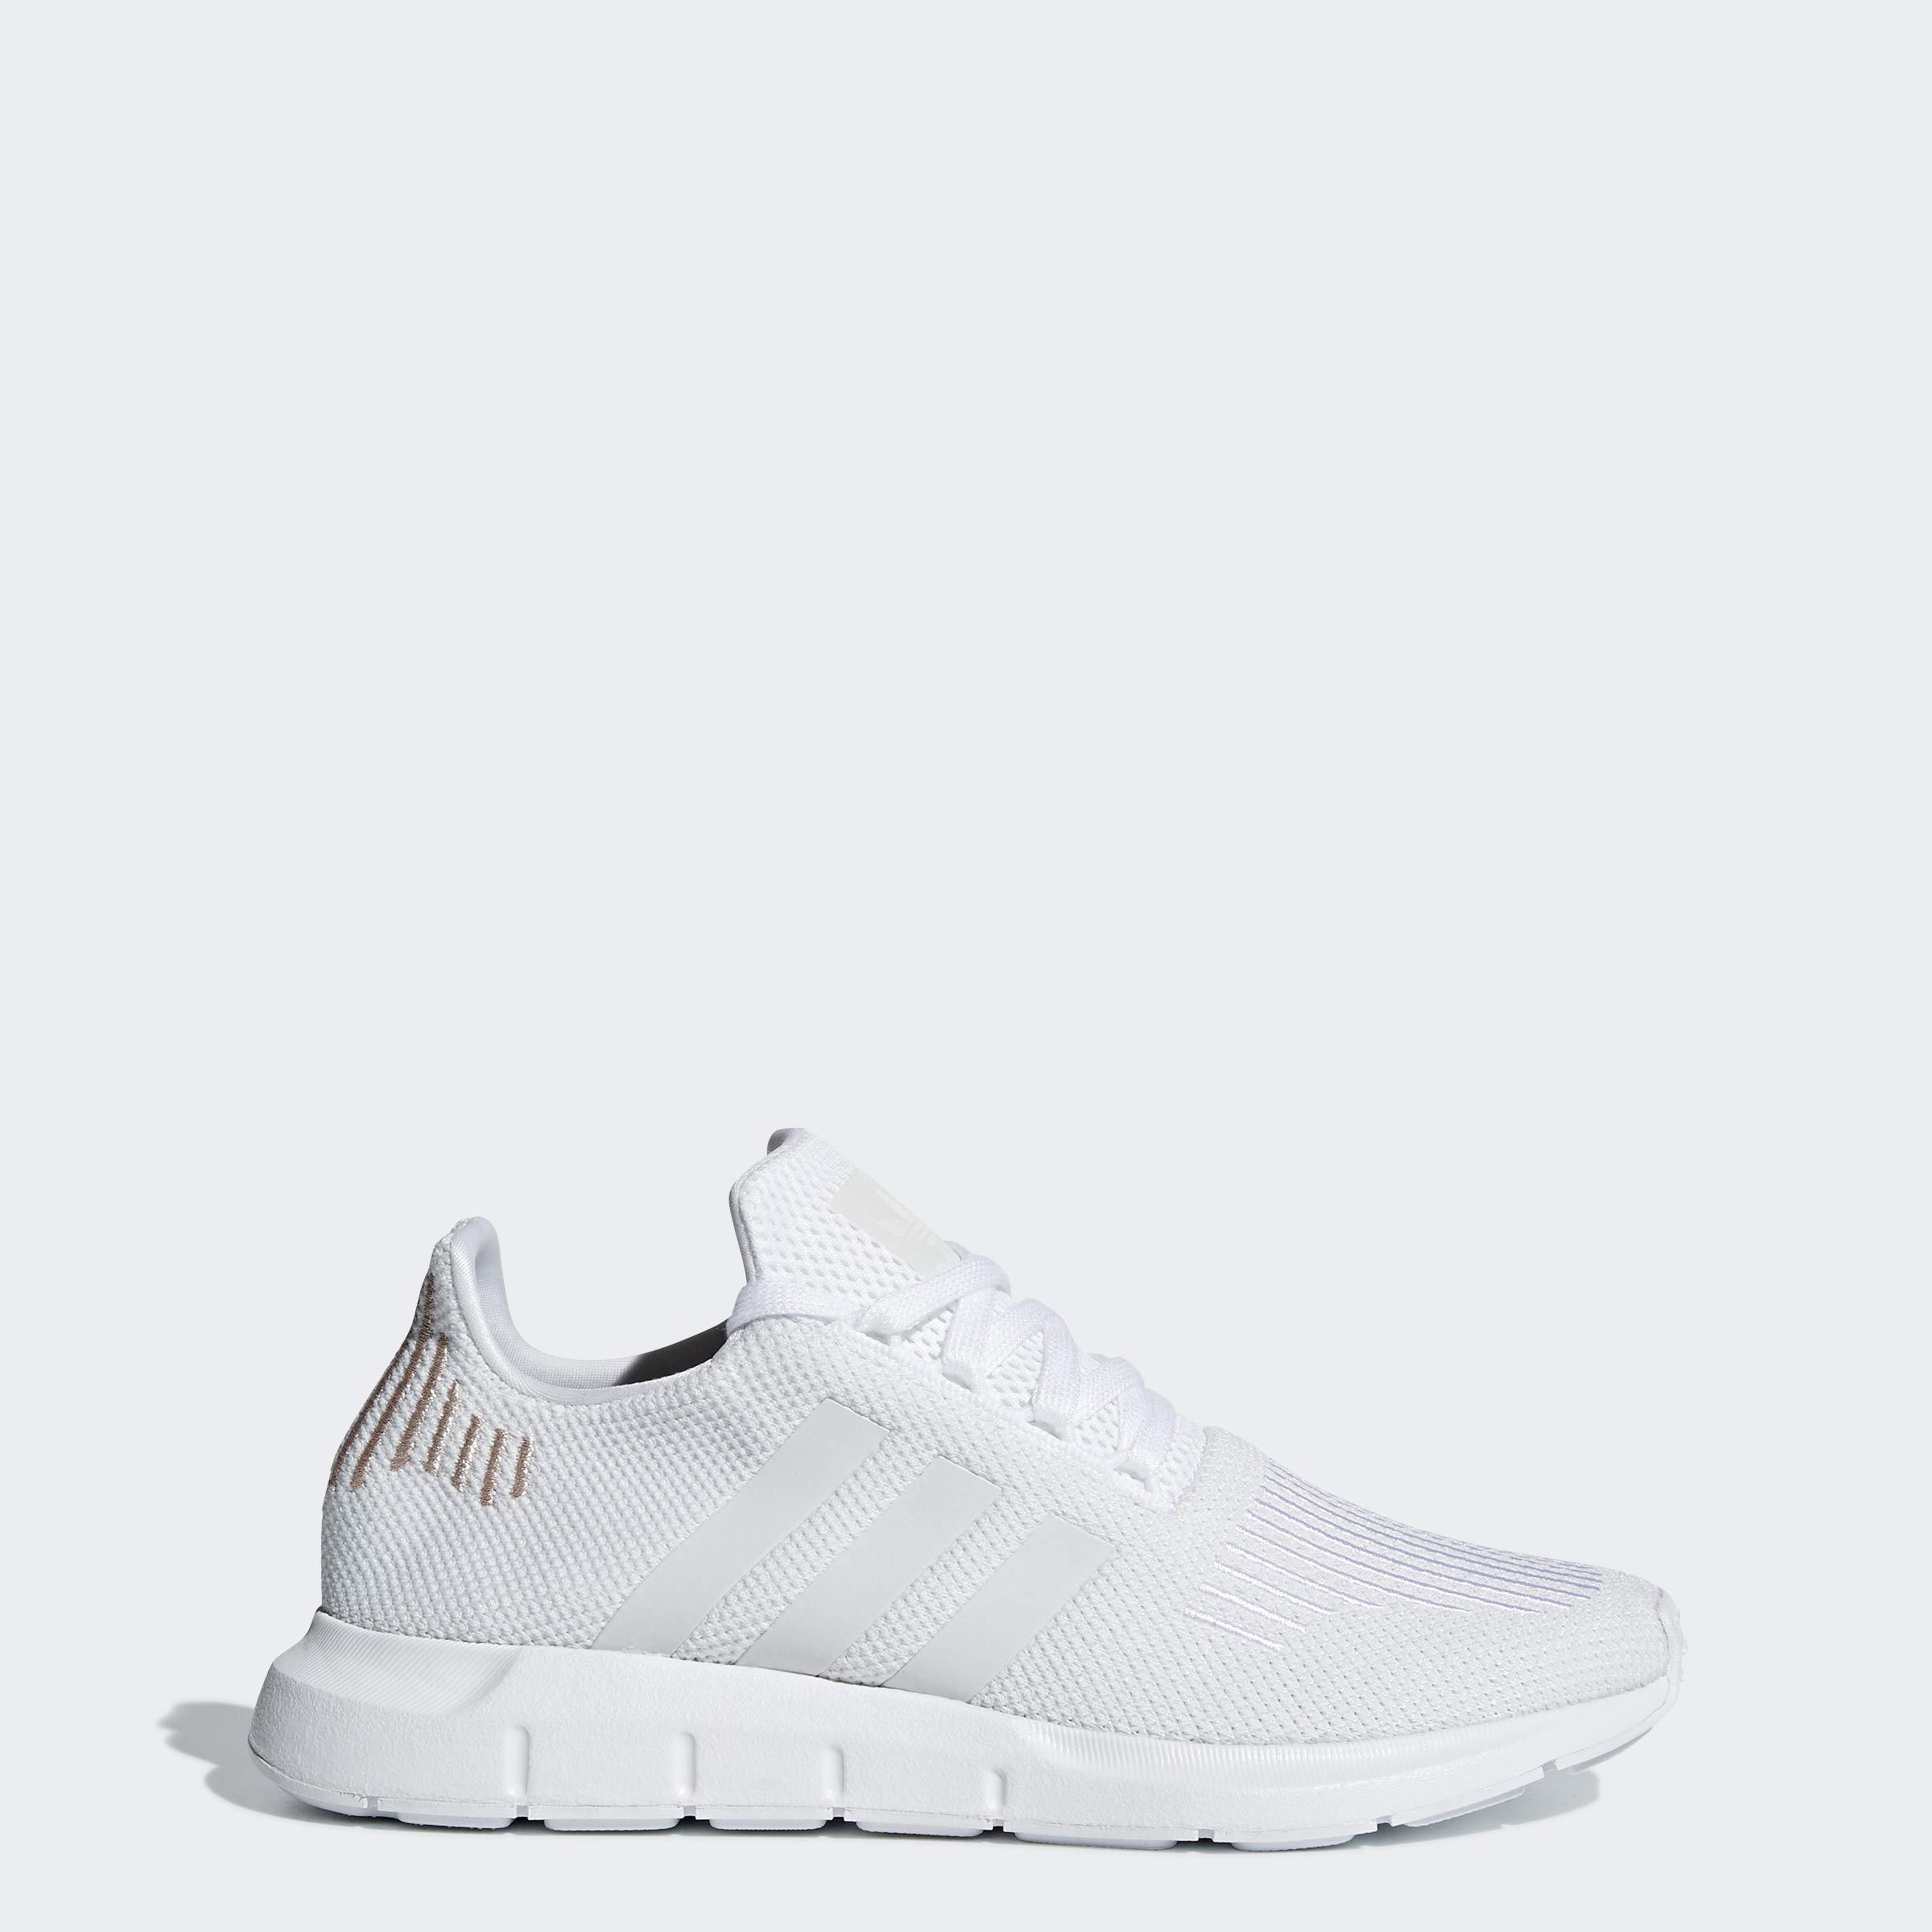 adidas Originals Women's Swift Run Sneaker, White/Crystal White/White, 7.5 M US